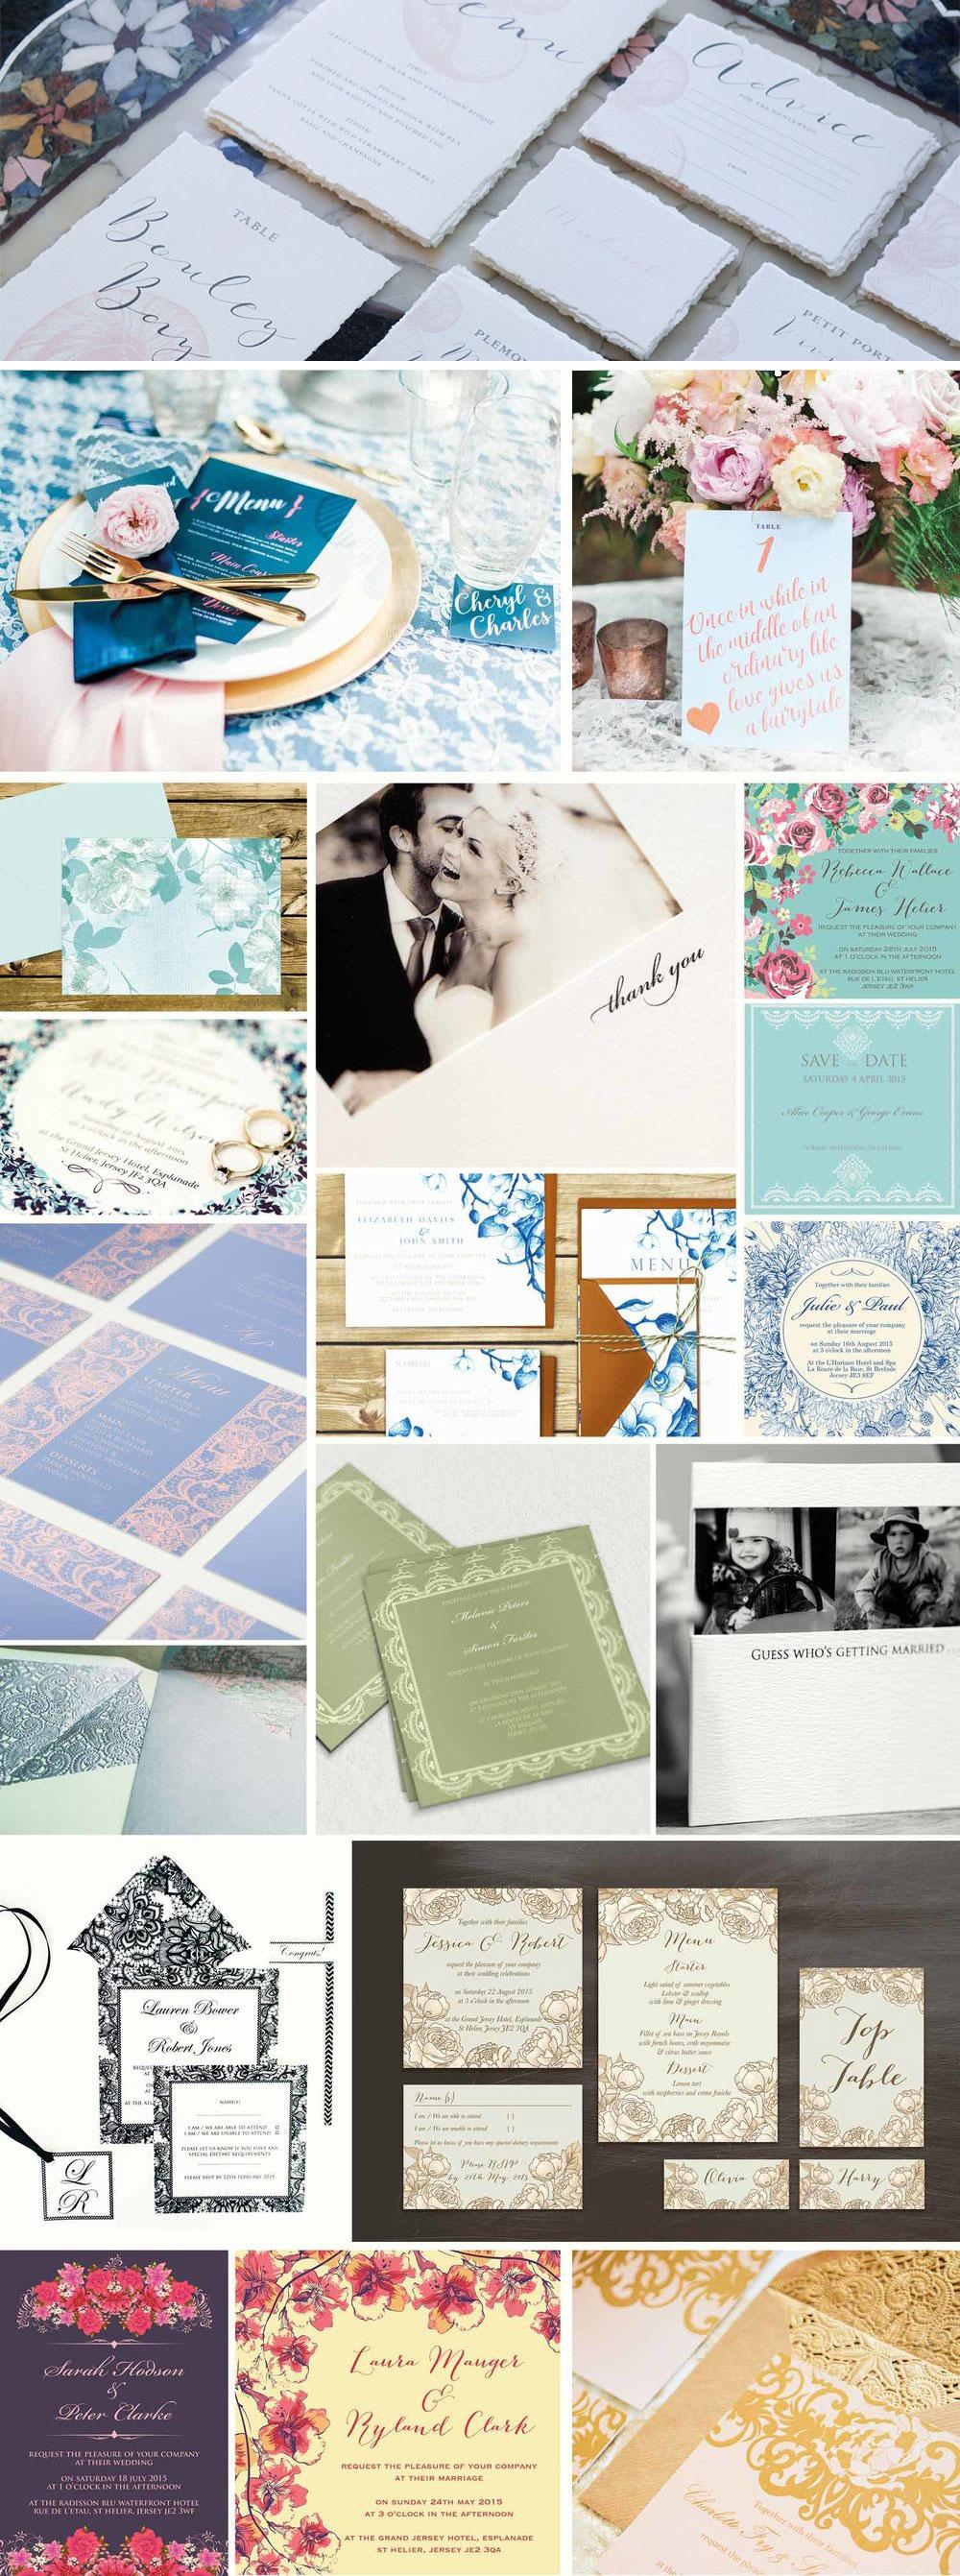 jersey-wedding-stationery-invitations-ananya.jpg